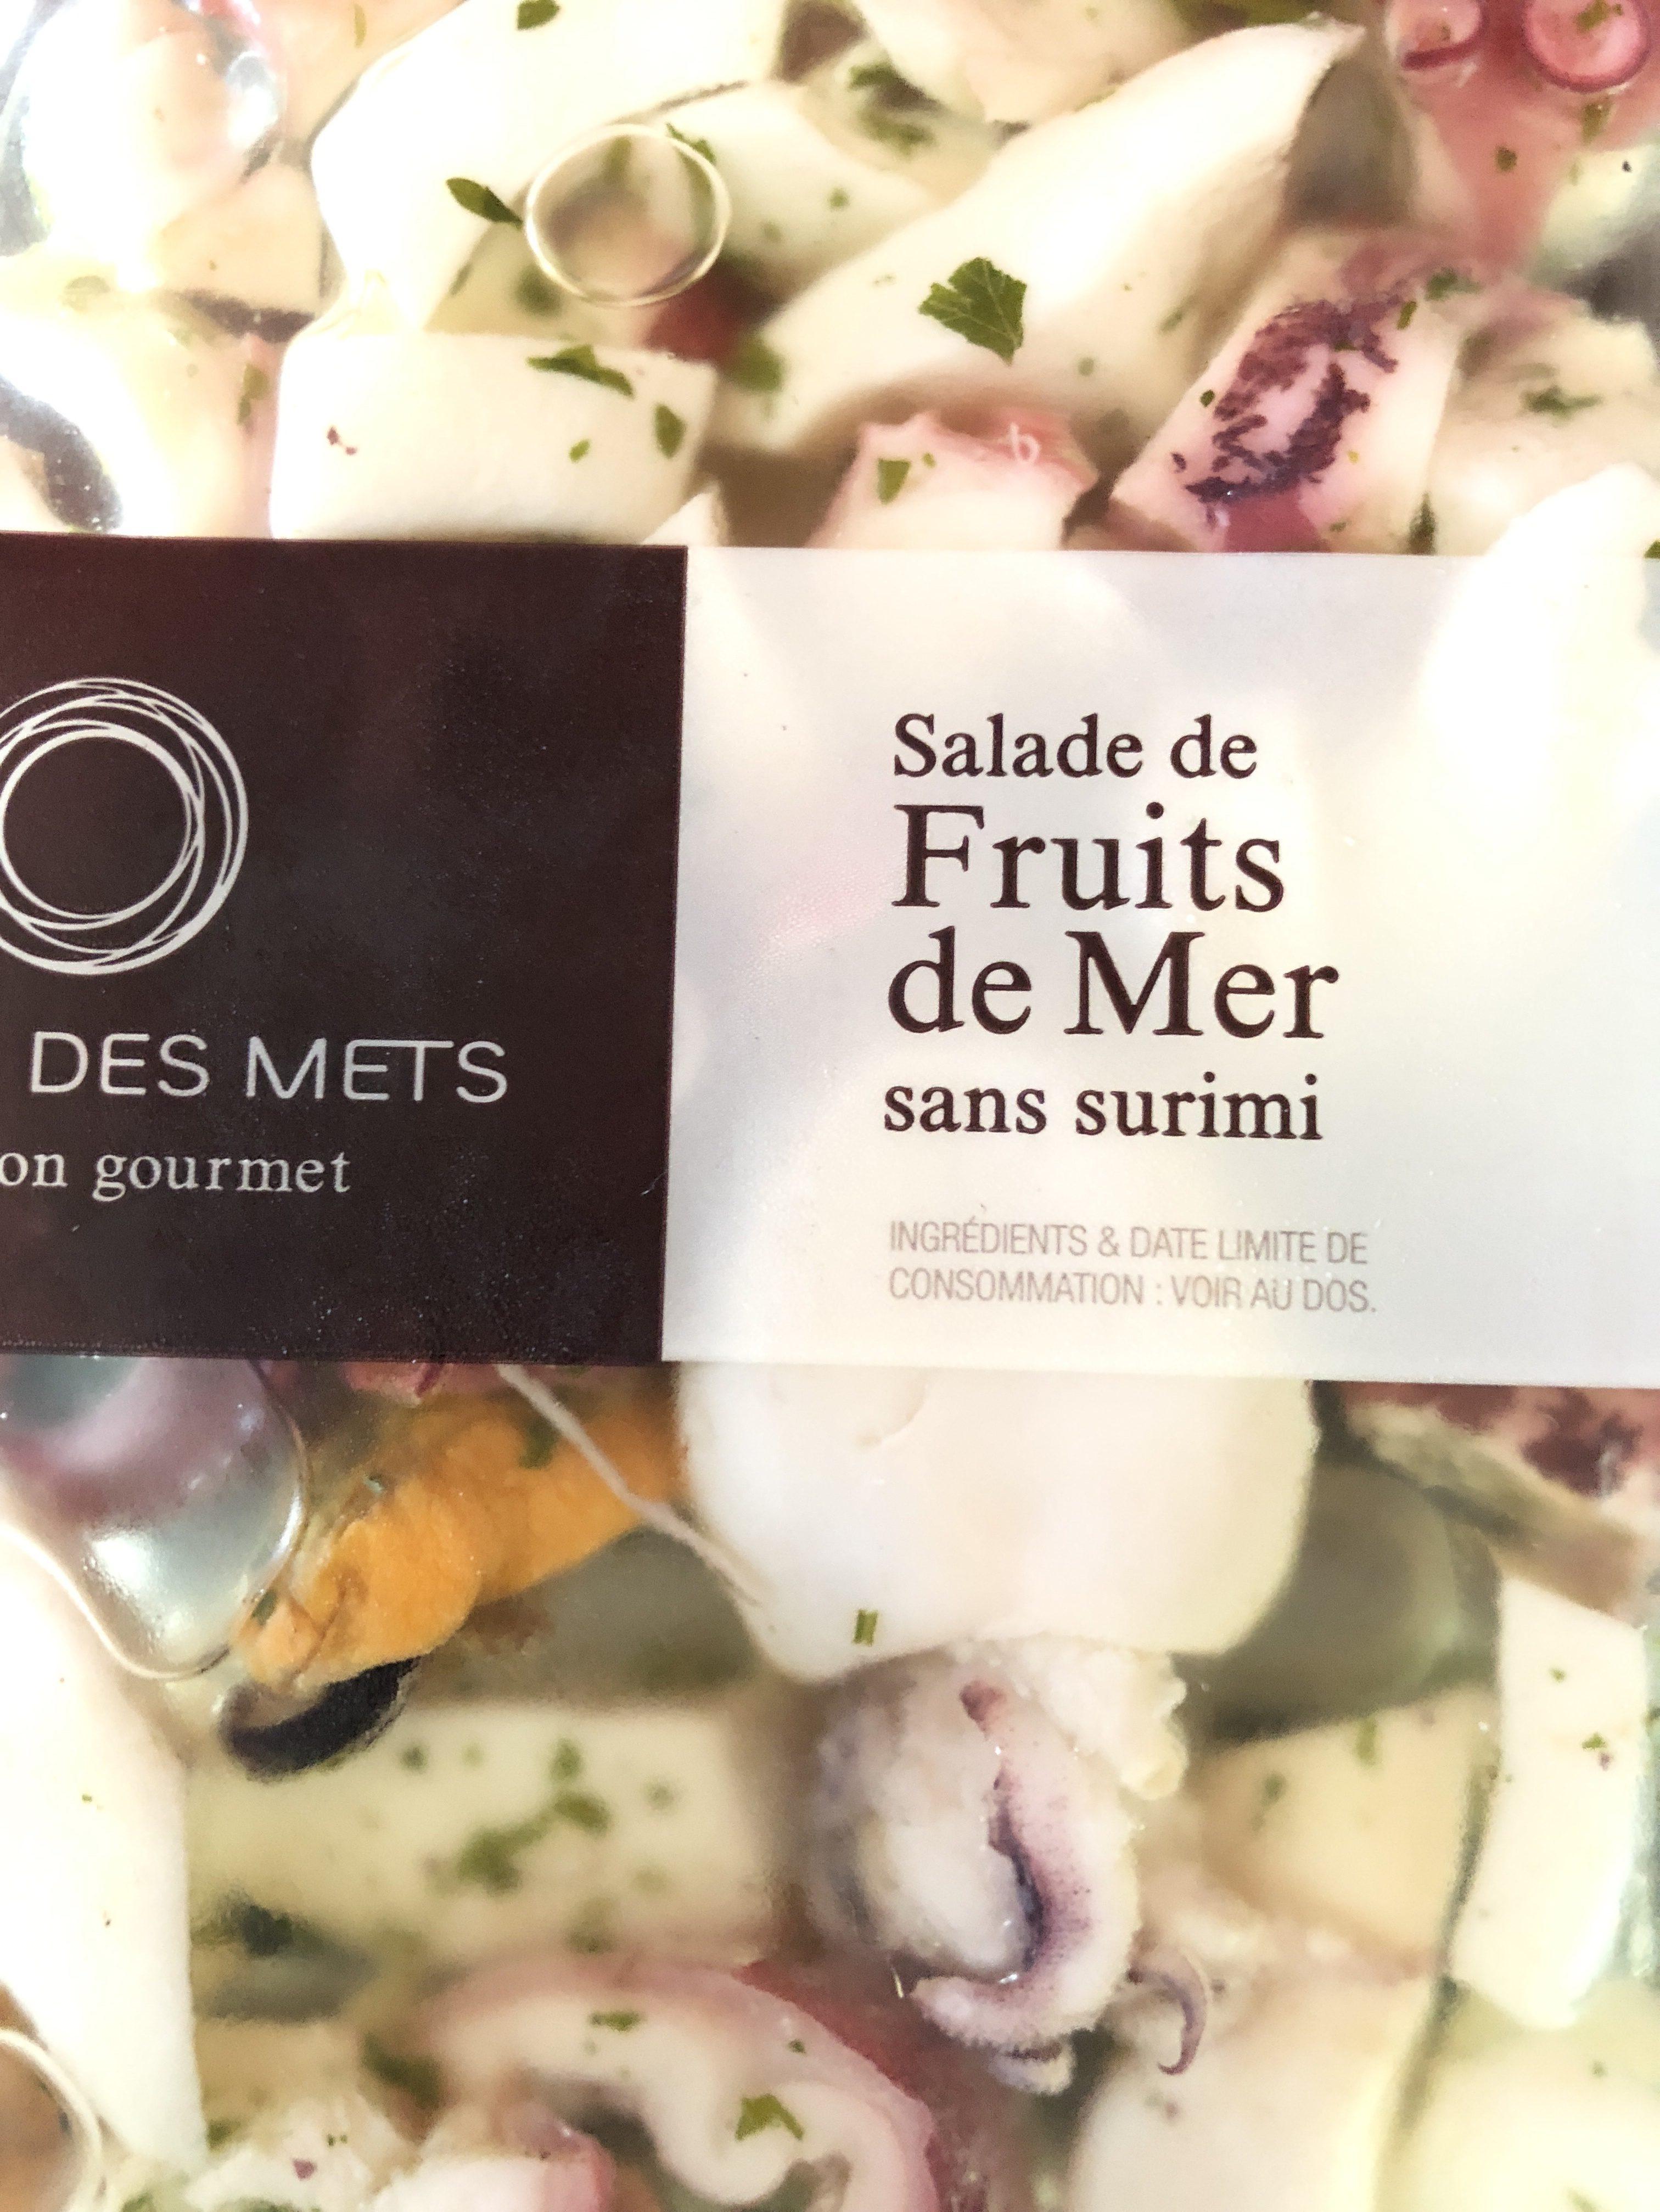 Salade Palais des mets Fruits de mer sans surimi - Ingrédients - fr